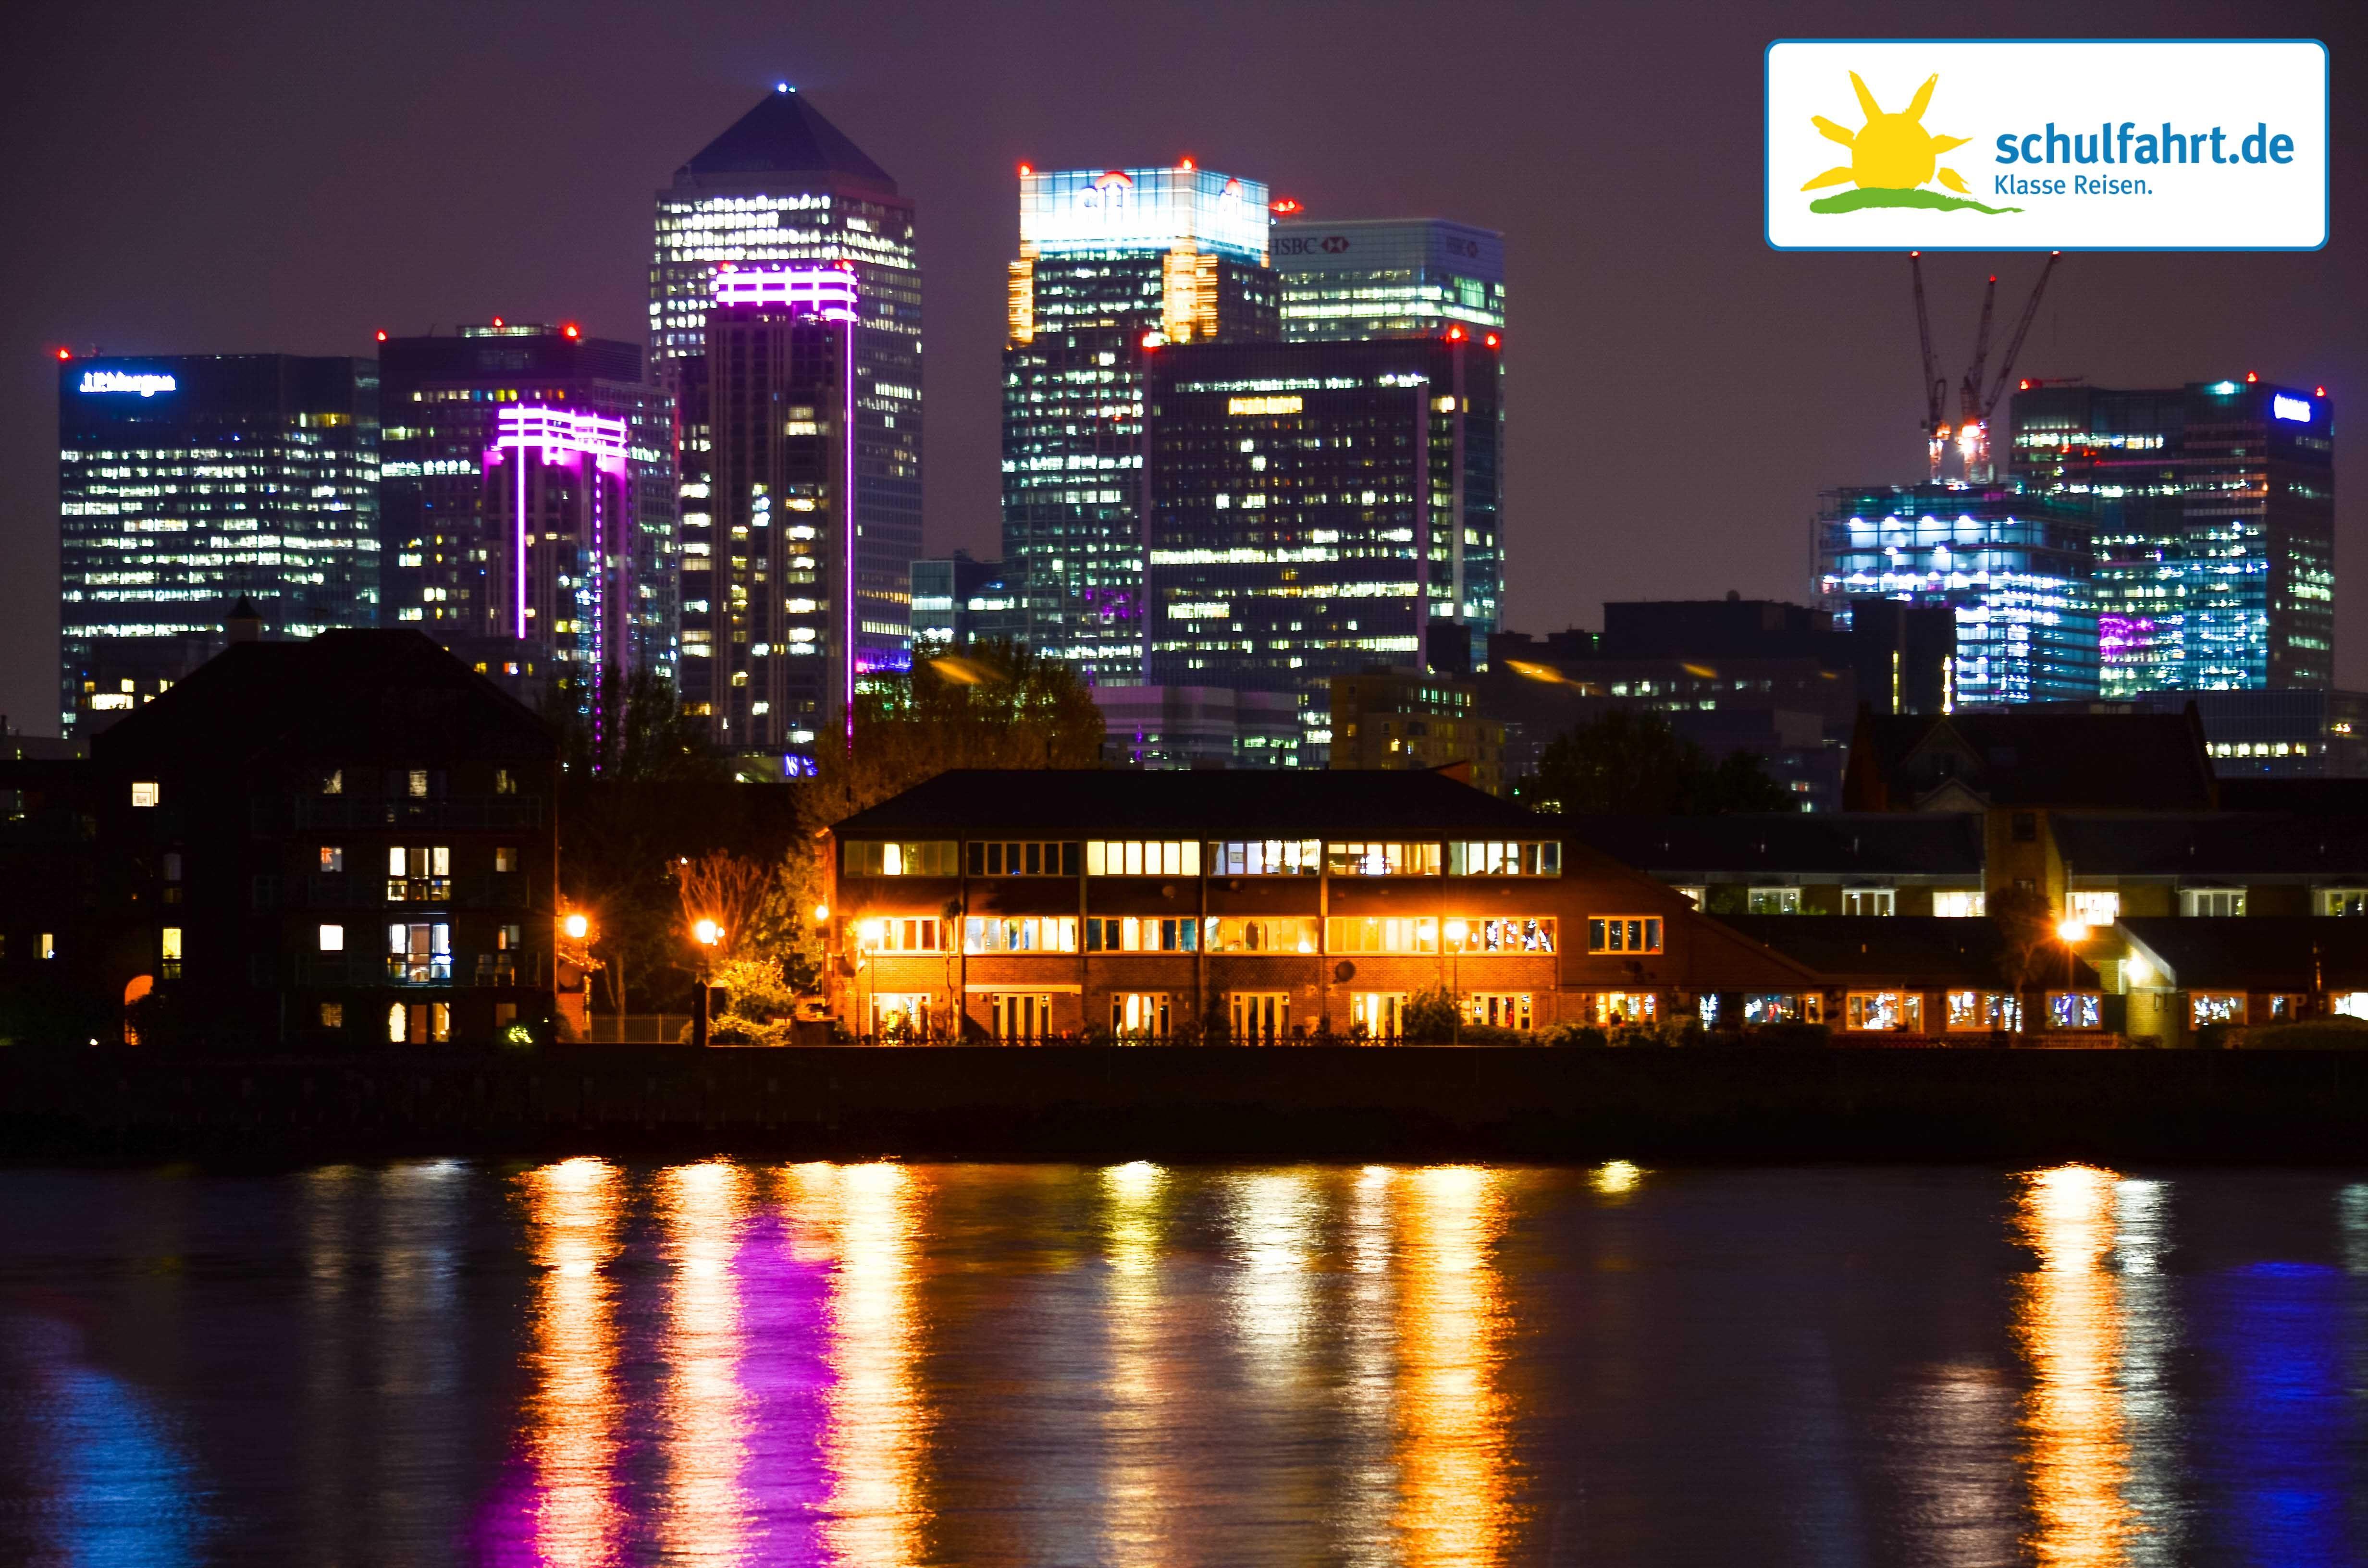 Die Skyline des 2. Finanzviertels Londons - Canary Wharf #London #Finanzviertel #Wolkenkratzer